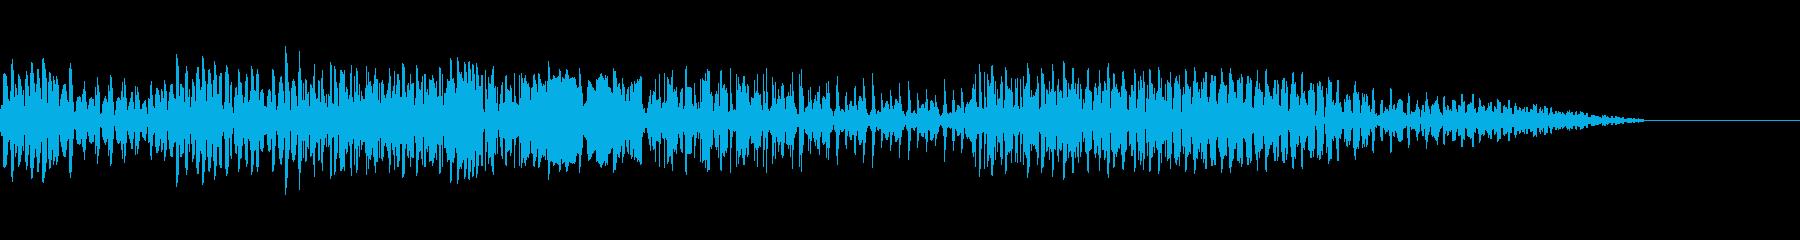 テクノロジーの再生済みの波形